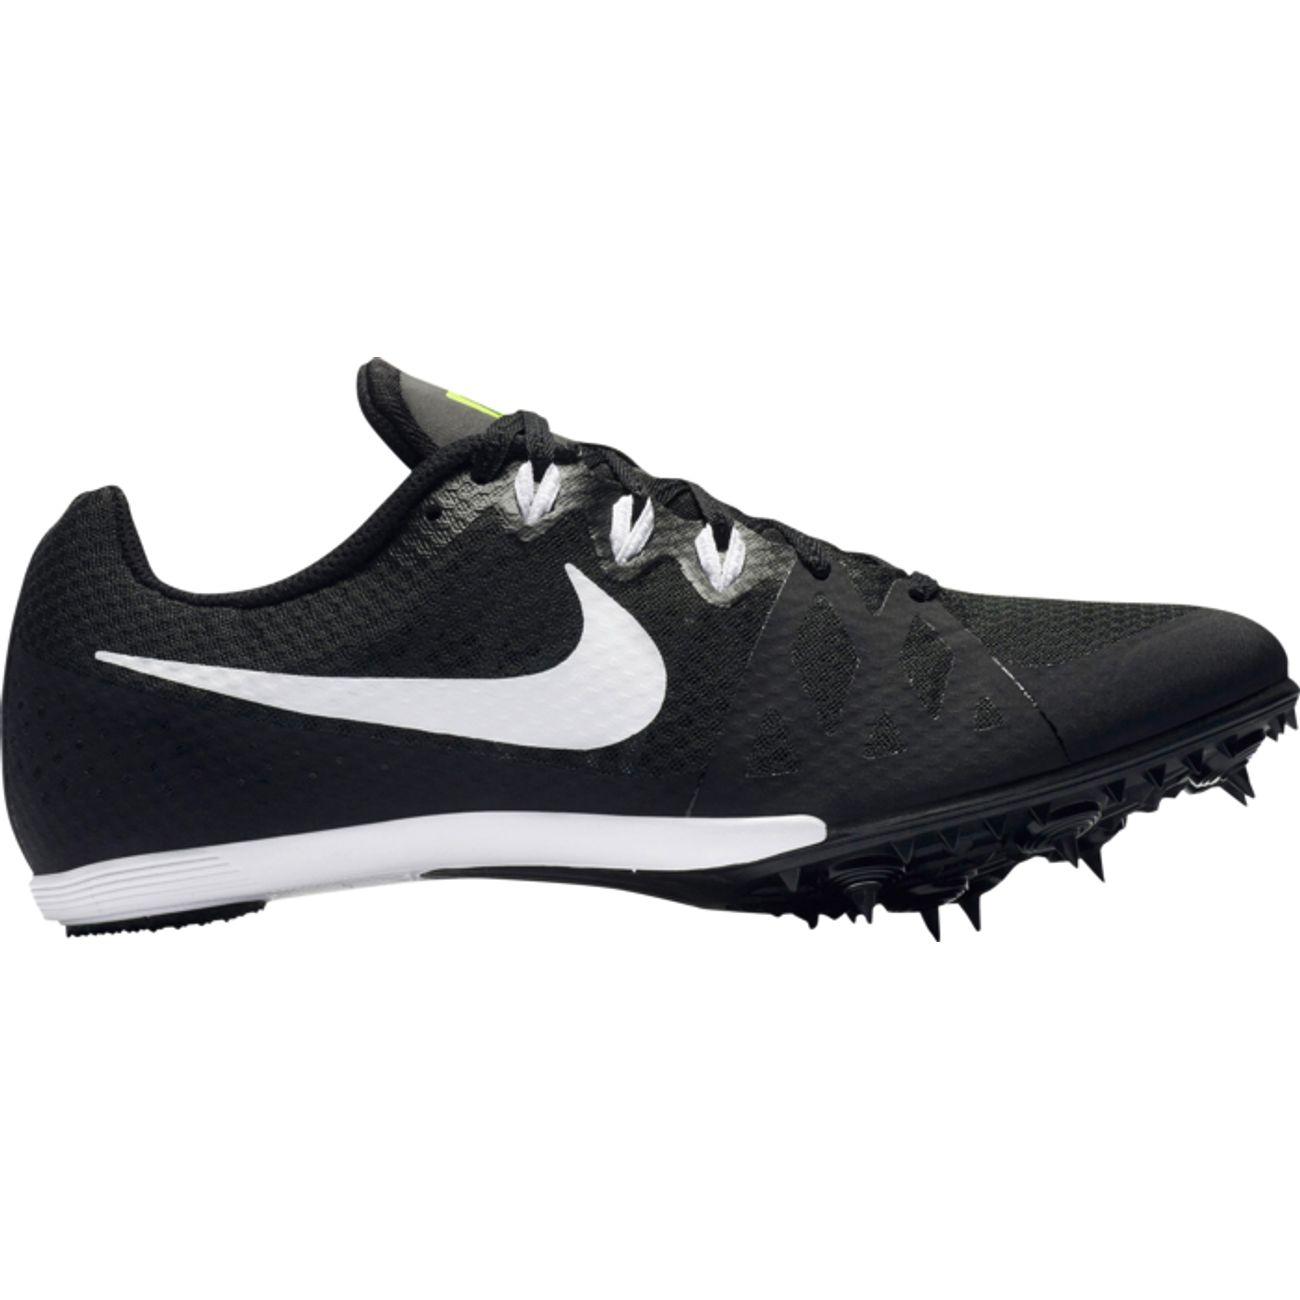 Nike Zoom Zoom Nike Zoom Rival Nike Rival Rival Nike BqY1w0